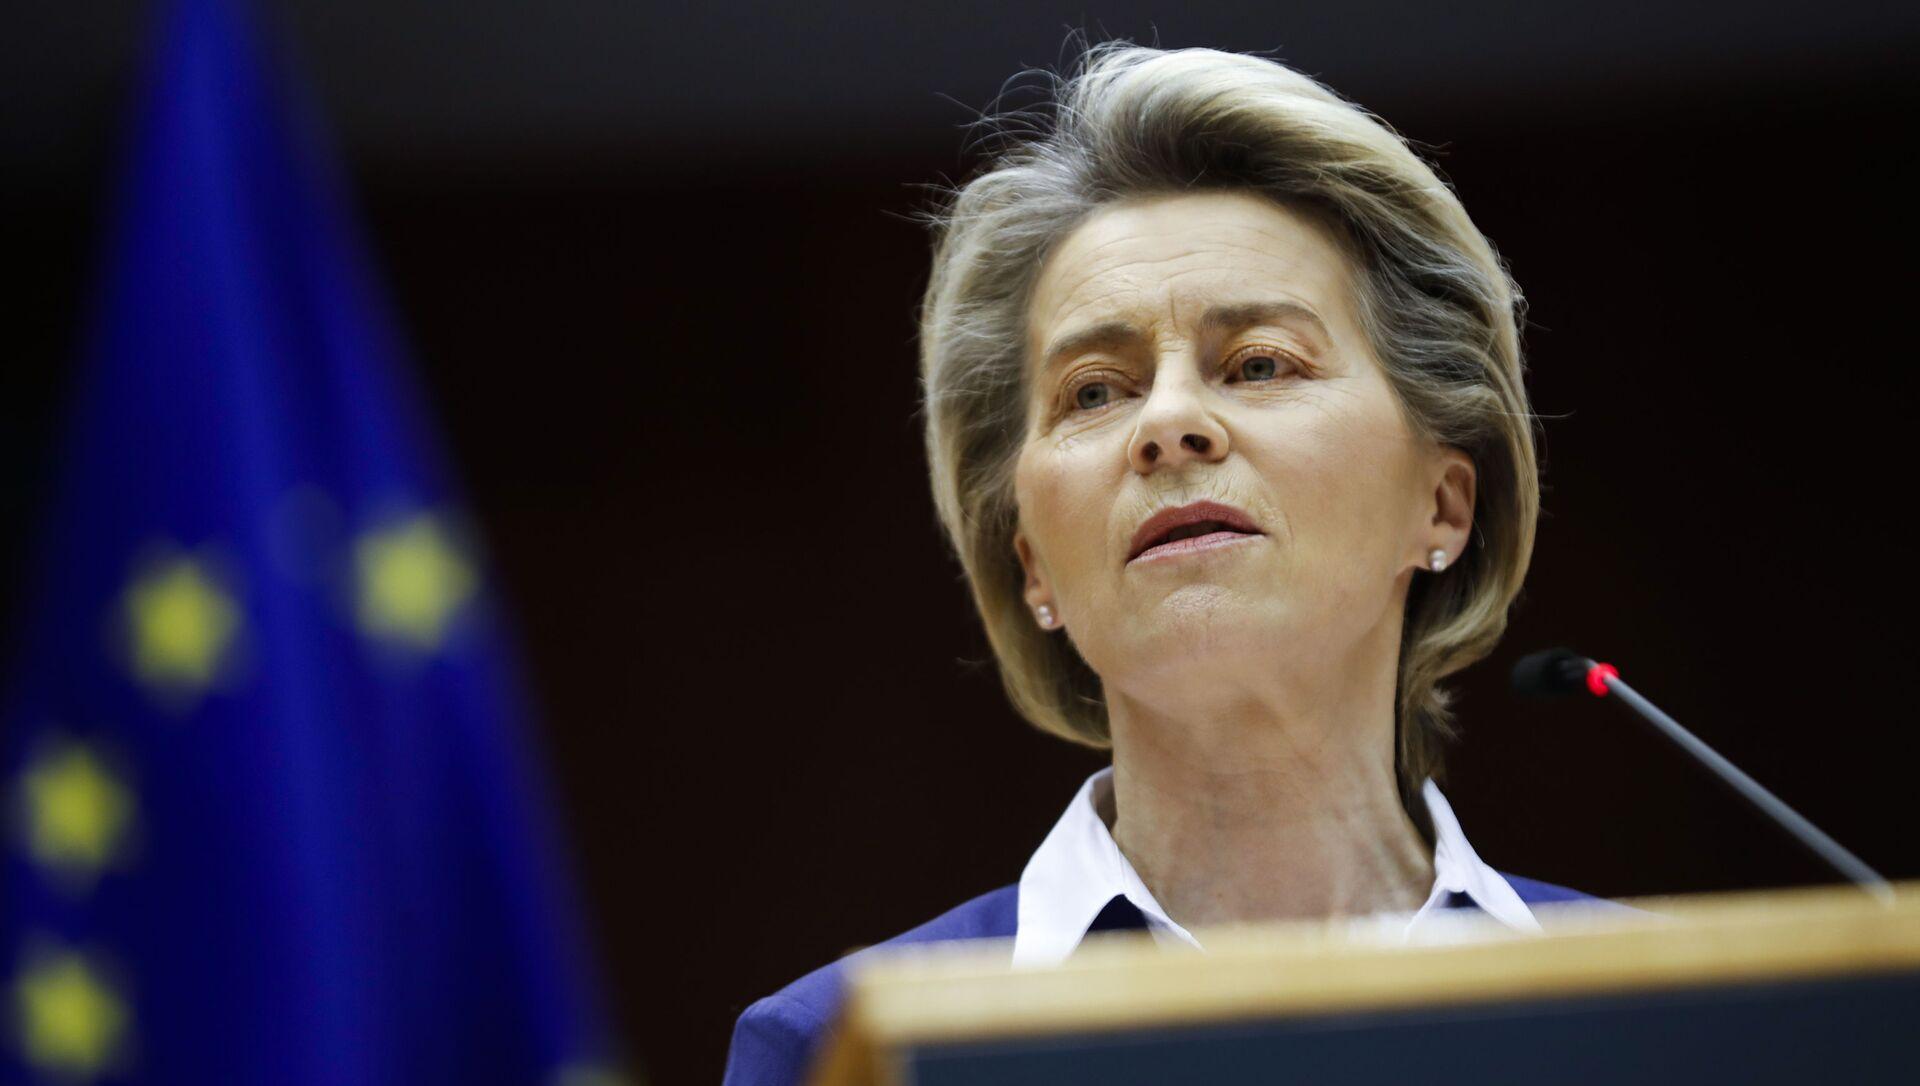 La presidente della Commissione Ursula von der Leyen - Sputnik Italia, 1920, 27.04.2021